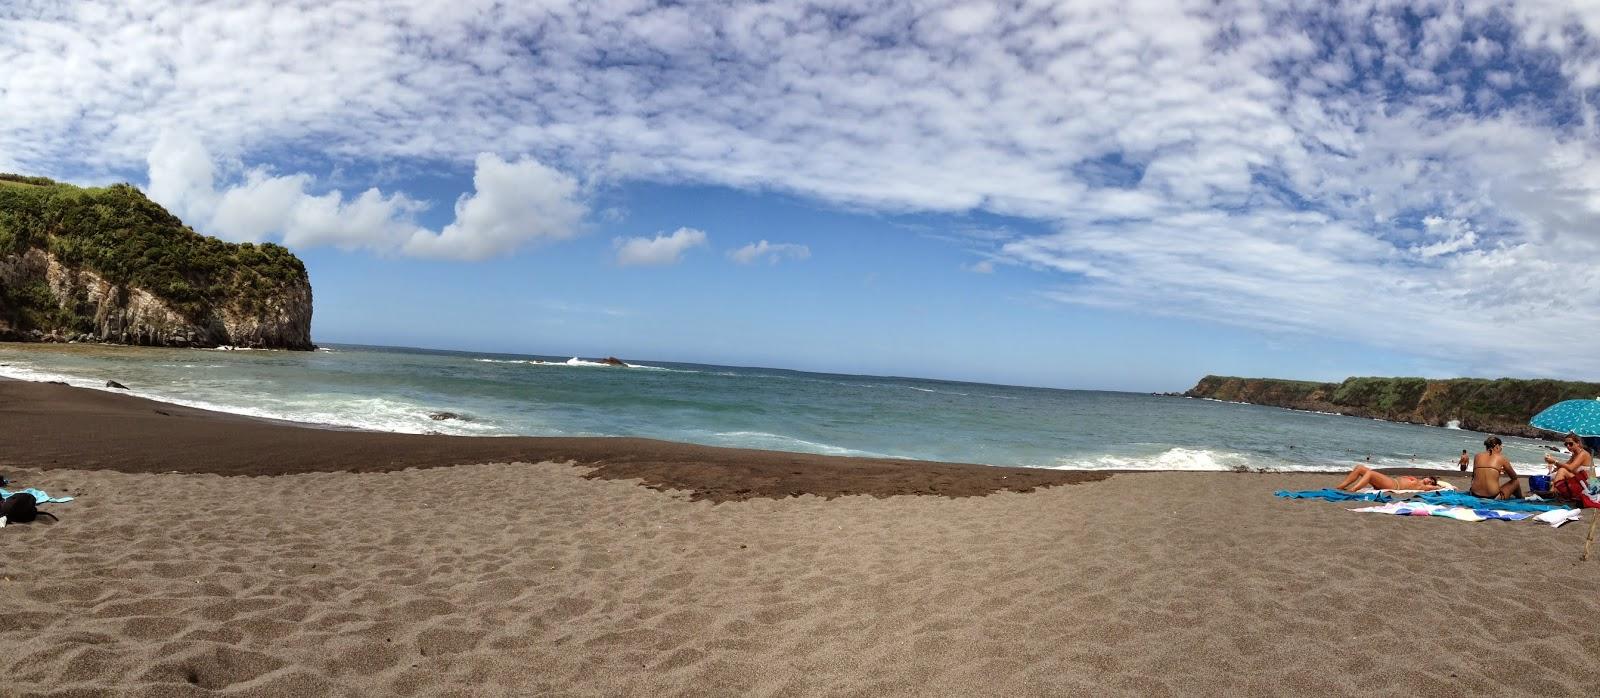 Praia des Moine